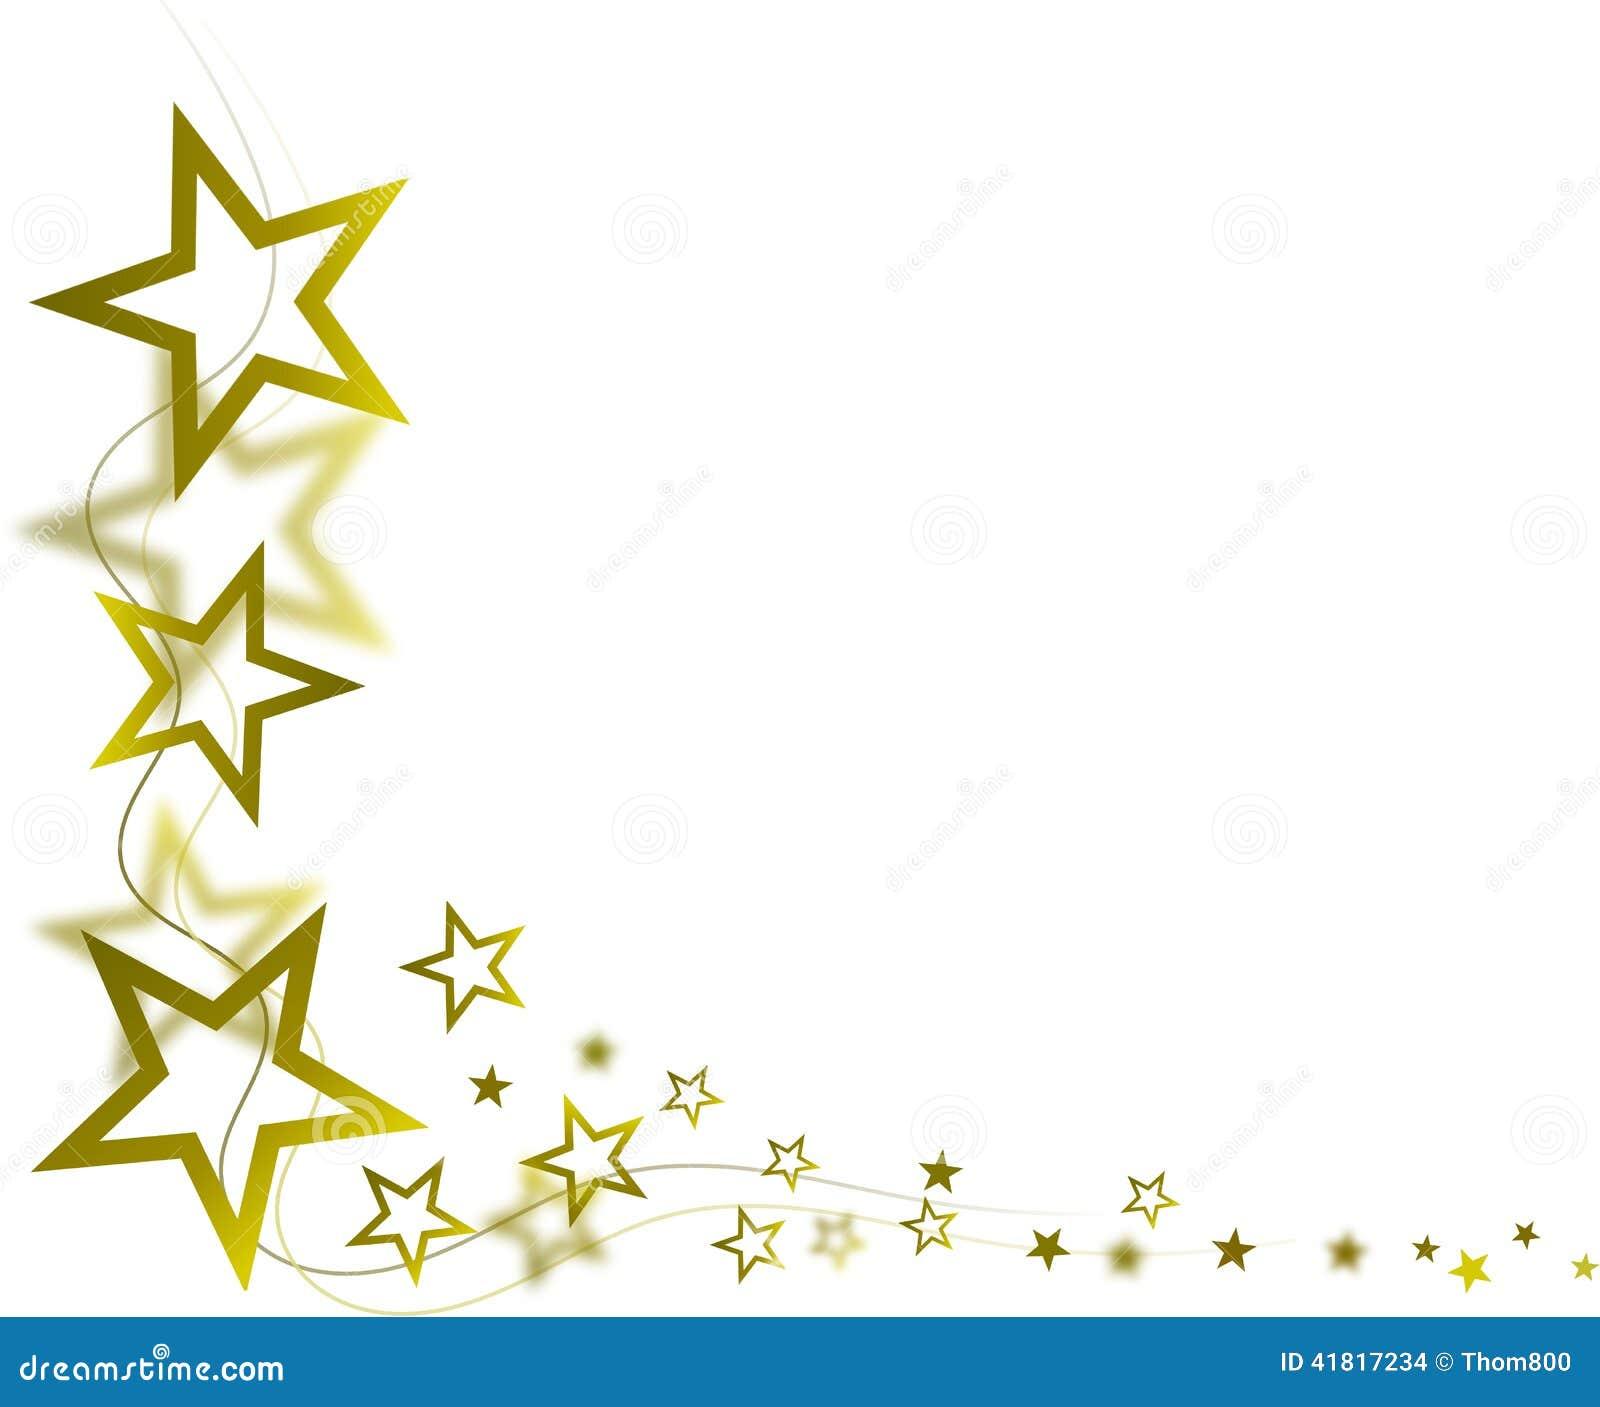 golden stars stock illustration